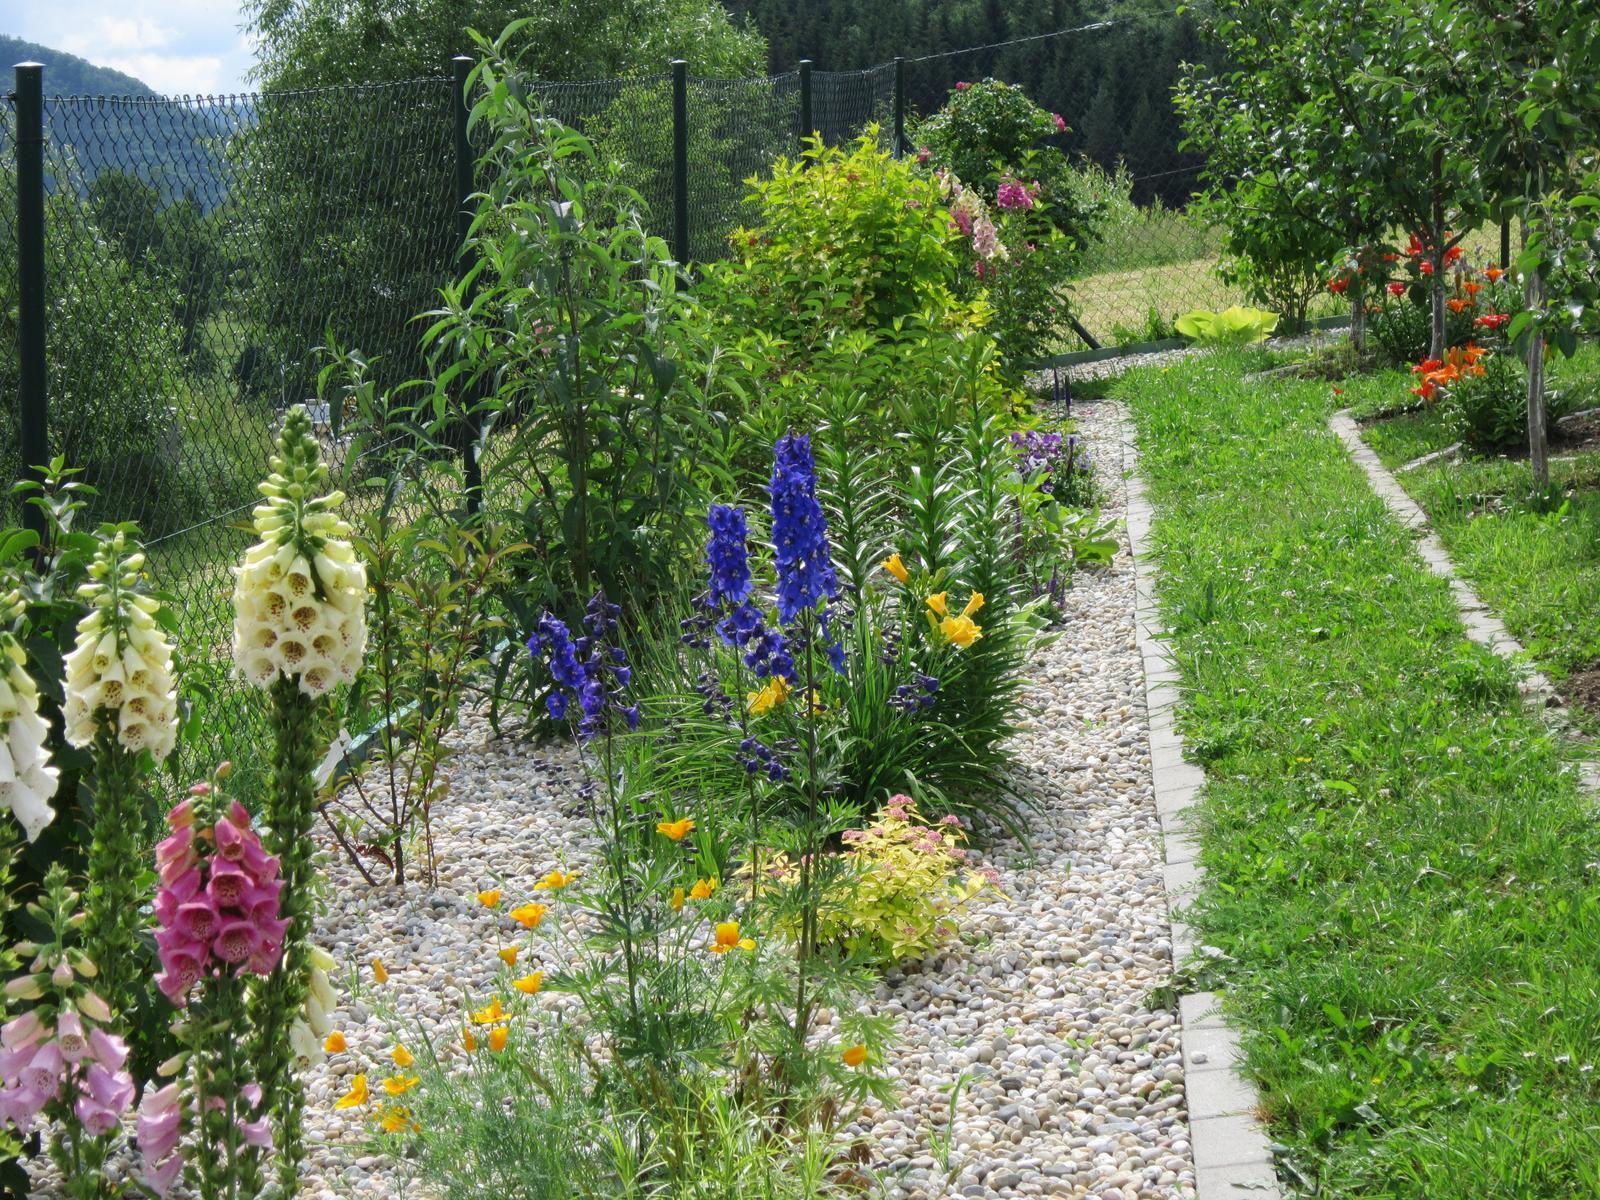 Moja záhrada...ako šiel čas - Obrázok č. 100